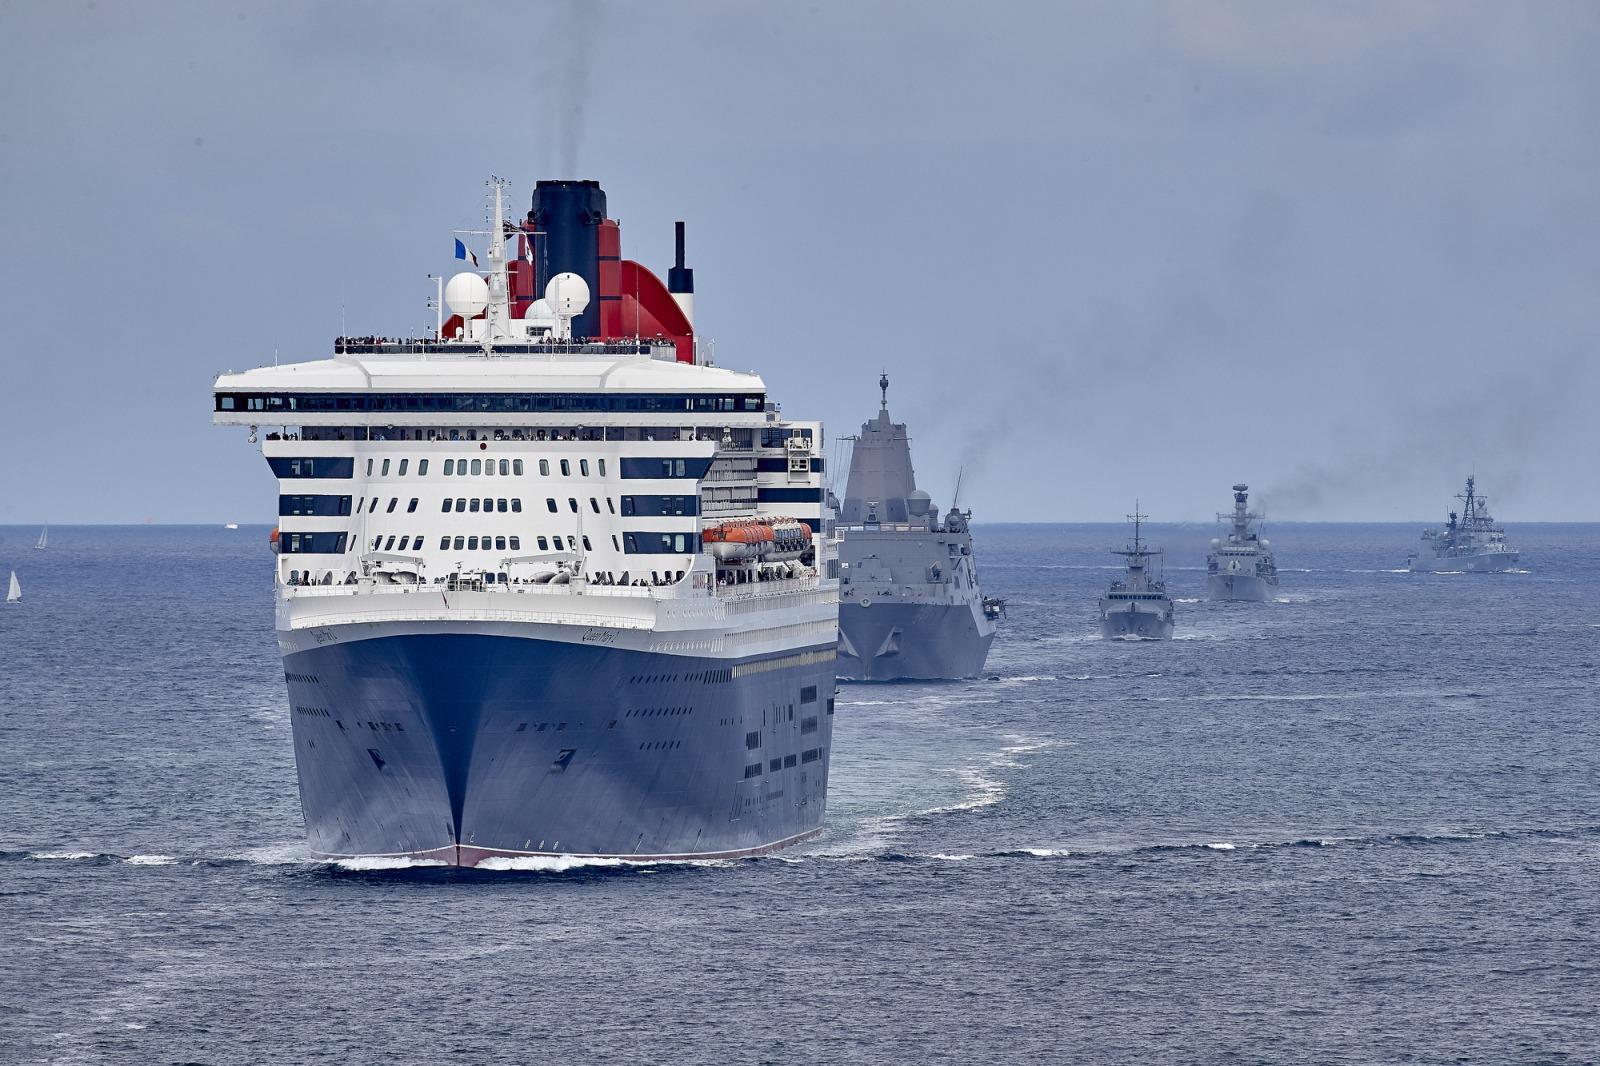 Photos - Queen Mary 2 - Queen Mary 2 escorted by the Centennial's Armada - The Bridge 2017